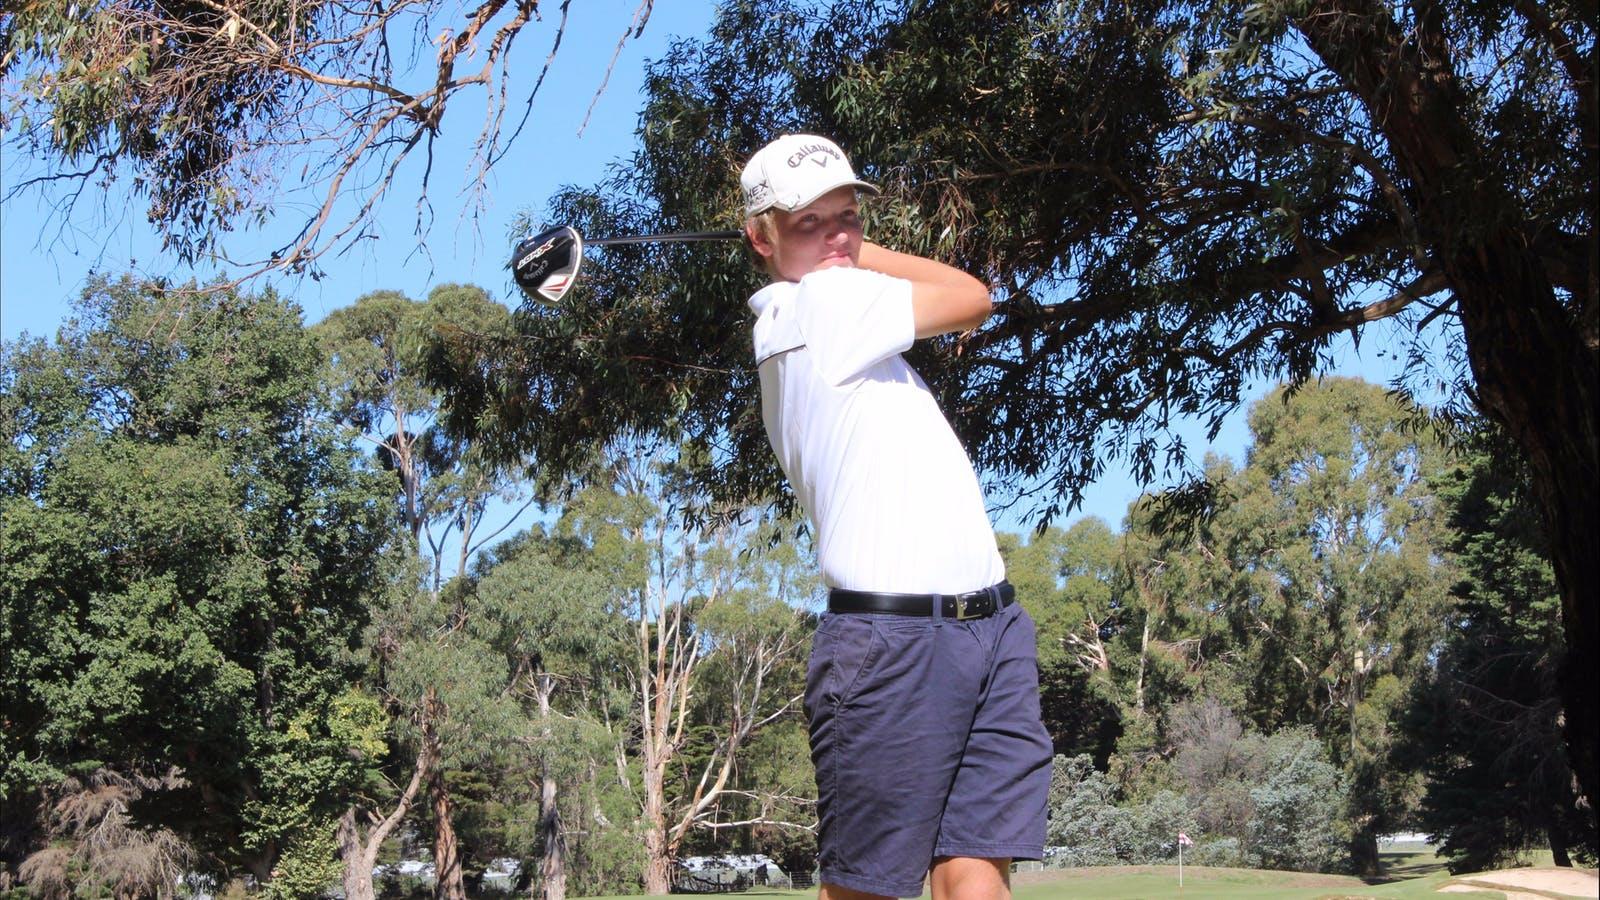 Award winning golf course